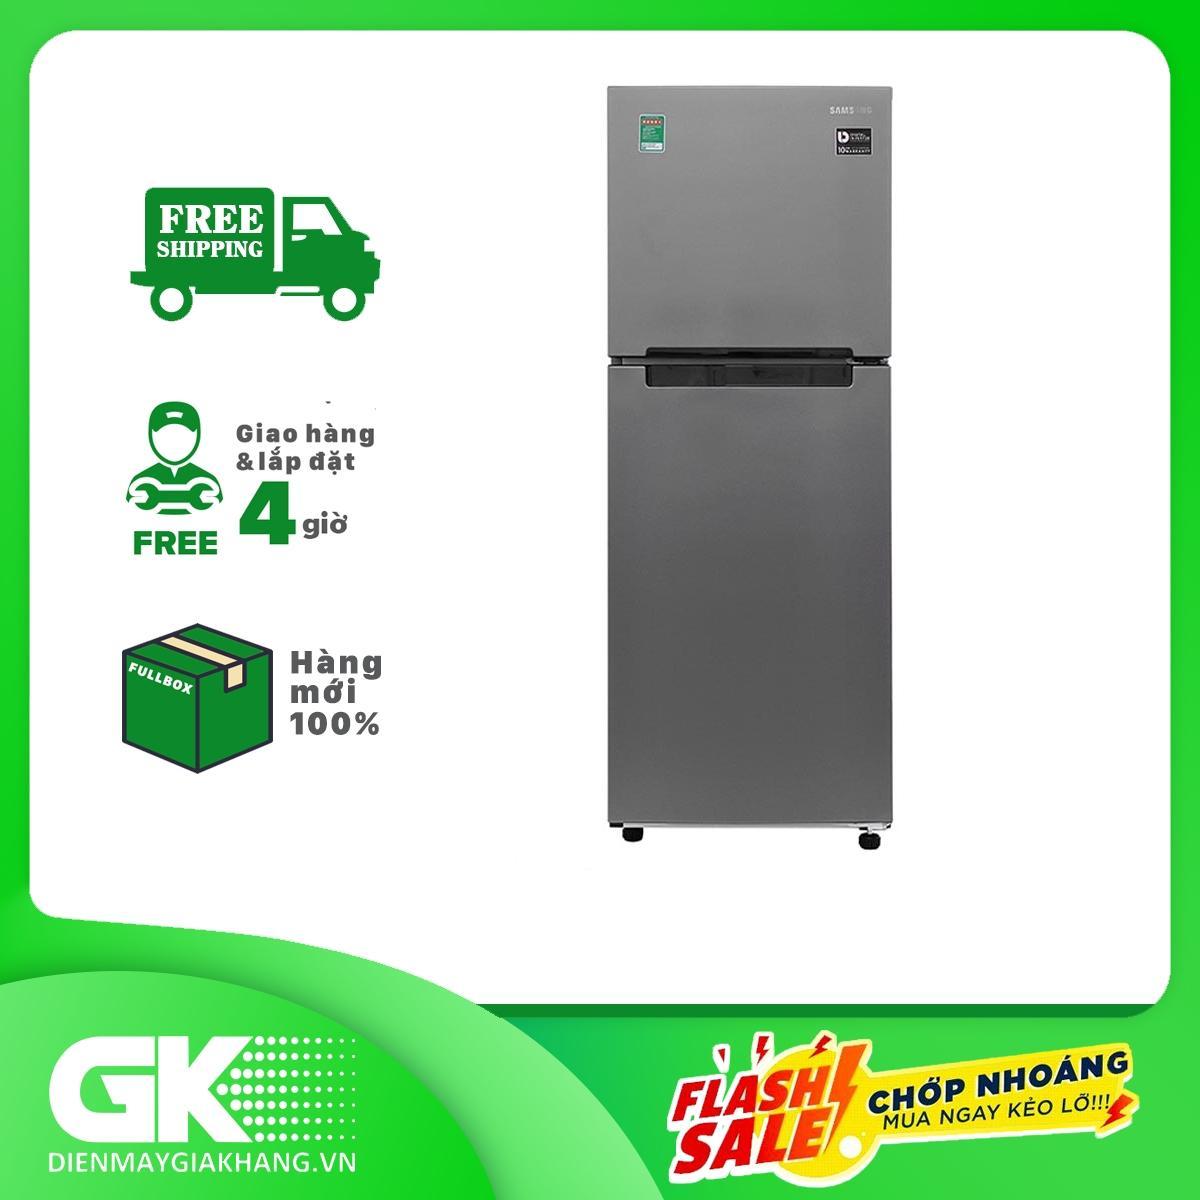 Voucher Khuyến Mại Tủ Lạnh Samsung Inverter 208 Lít RT19M300BGS/SV, Công Nghệ  Deodorizer Kháng Khuẩn, Khử Mùi, Làm Lạnh Hiệu Quả Với Luồng Khí Lạnh đa Chiều - Bảo Hành 12 Tháng.